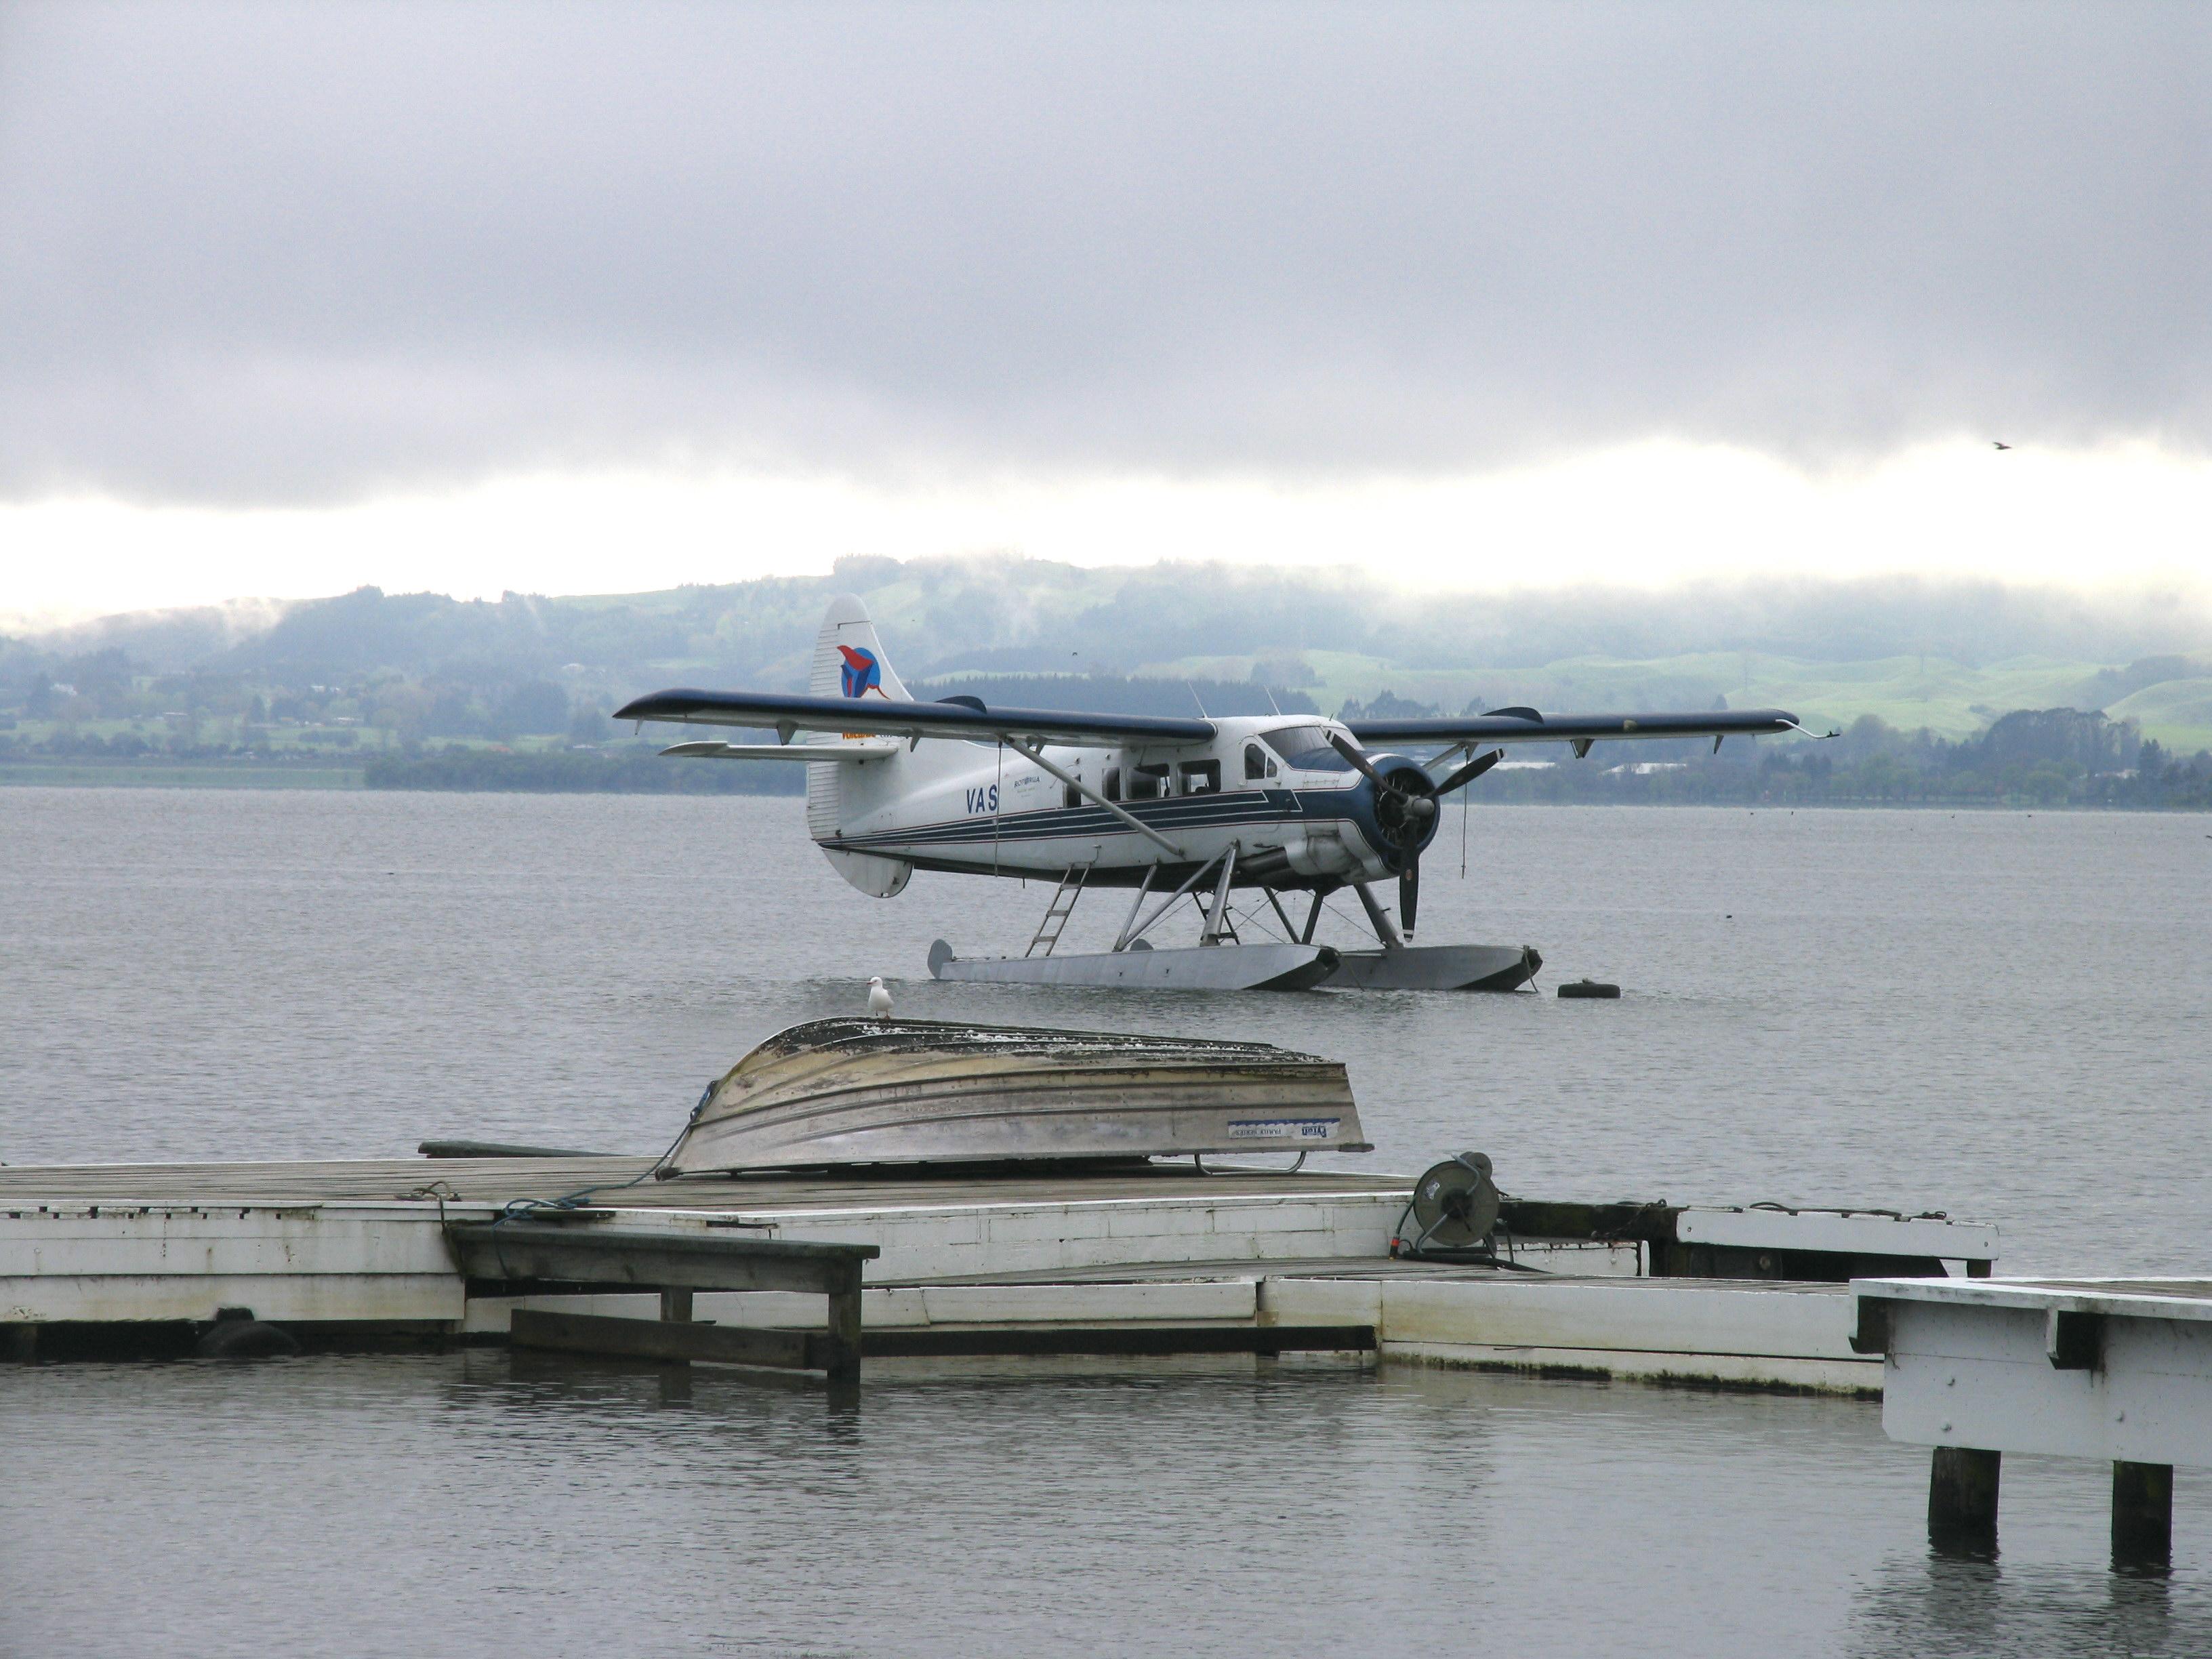 旅行心情记录:水上飞机